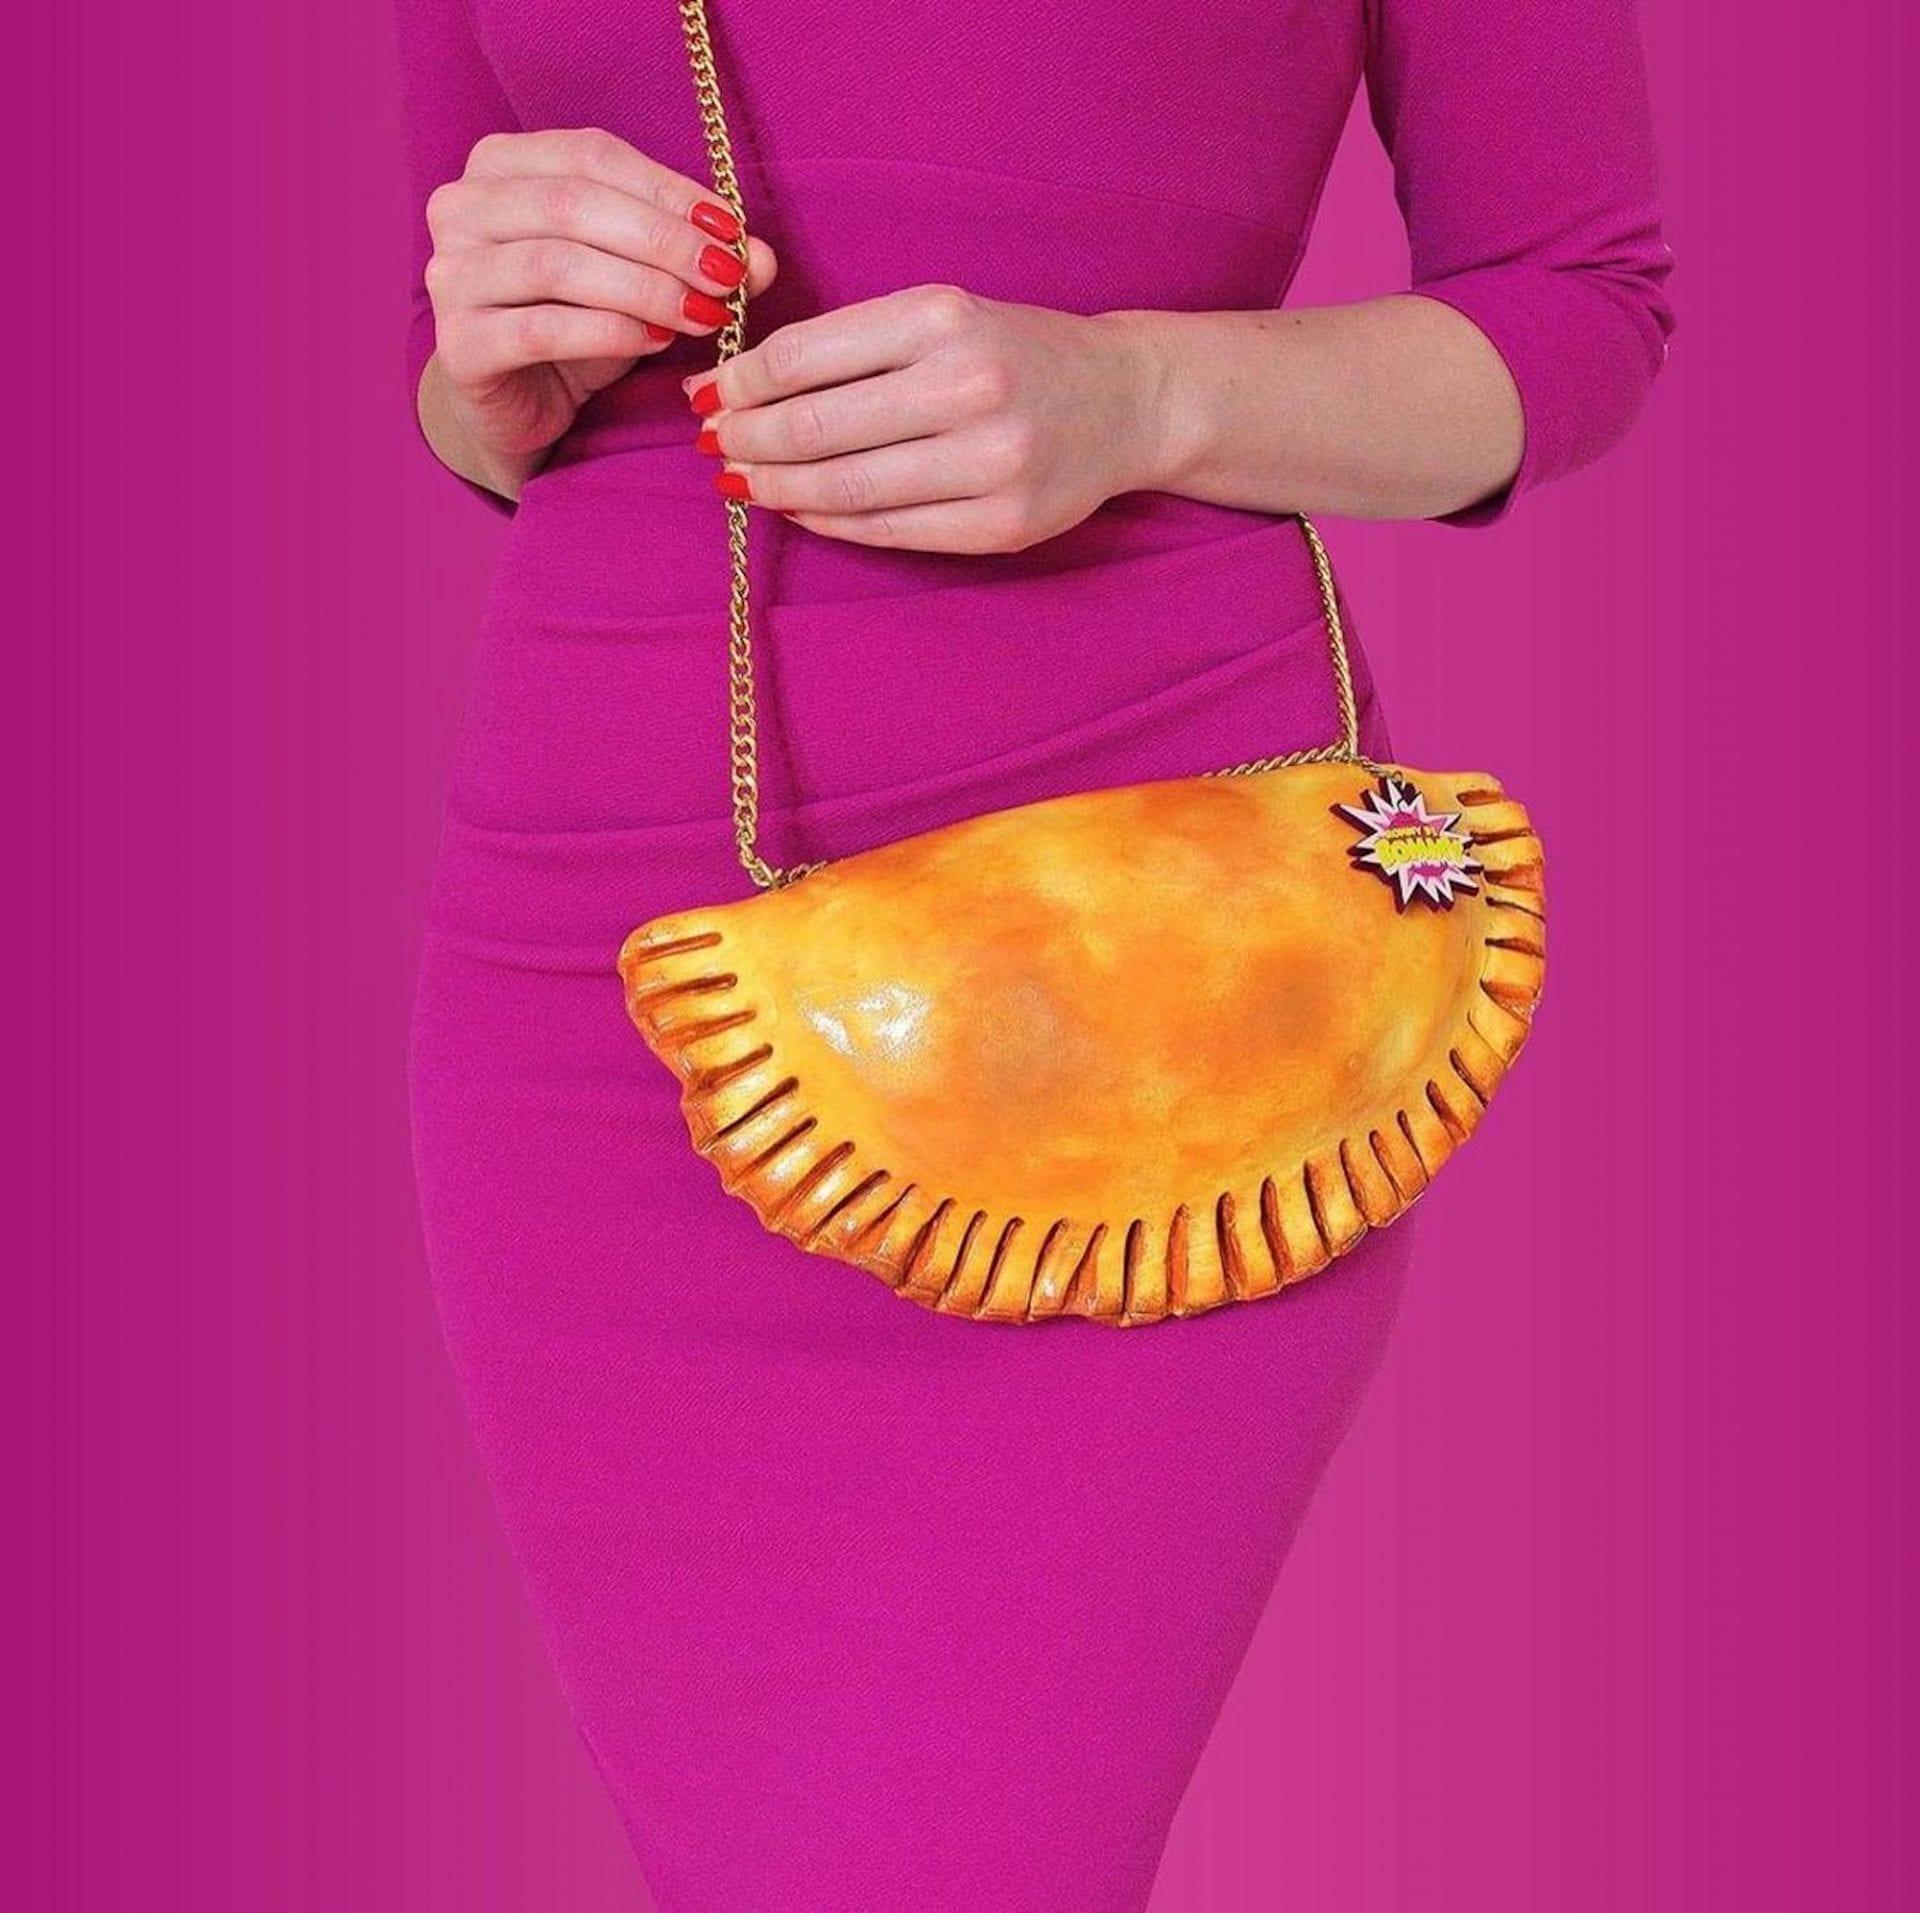 Les sacs à main créatifs de Rommy de Bommy vont vous donner faim